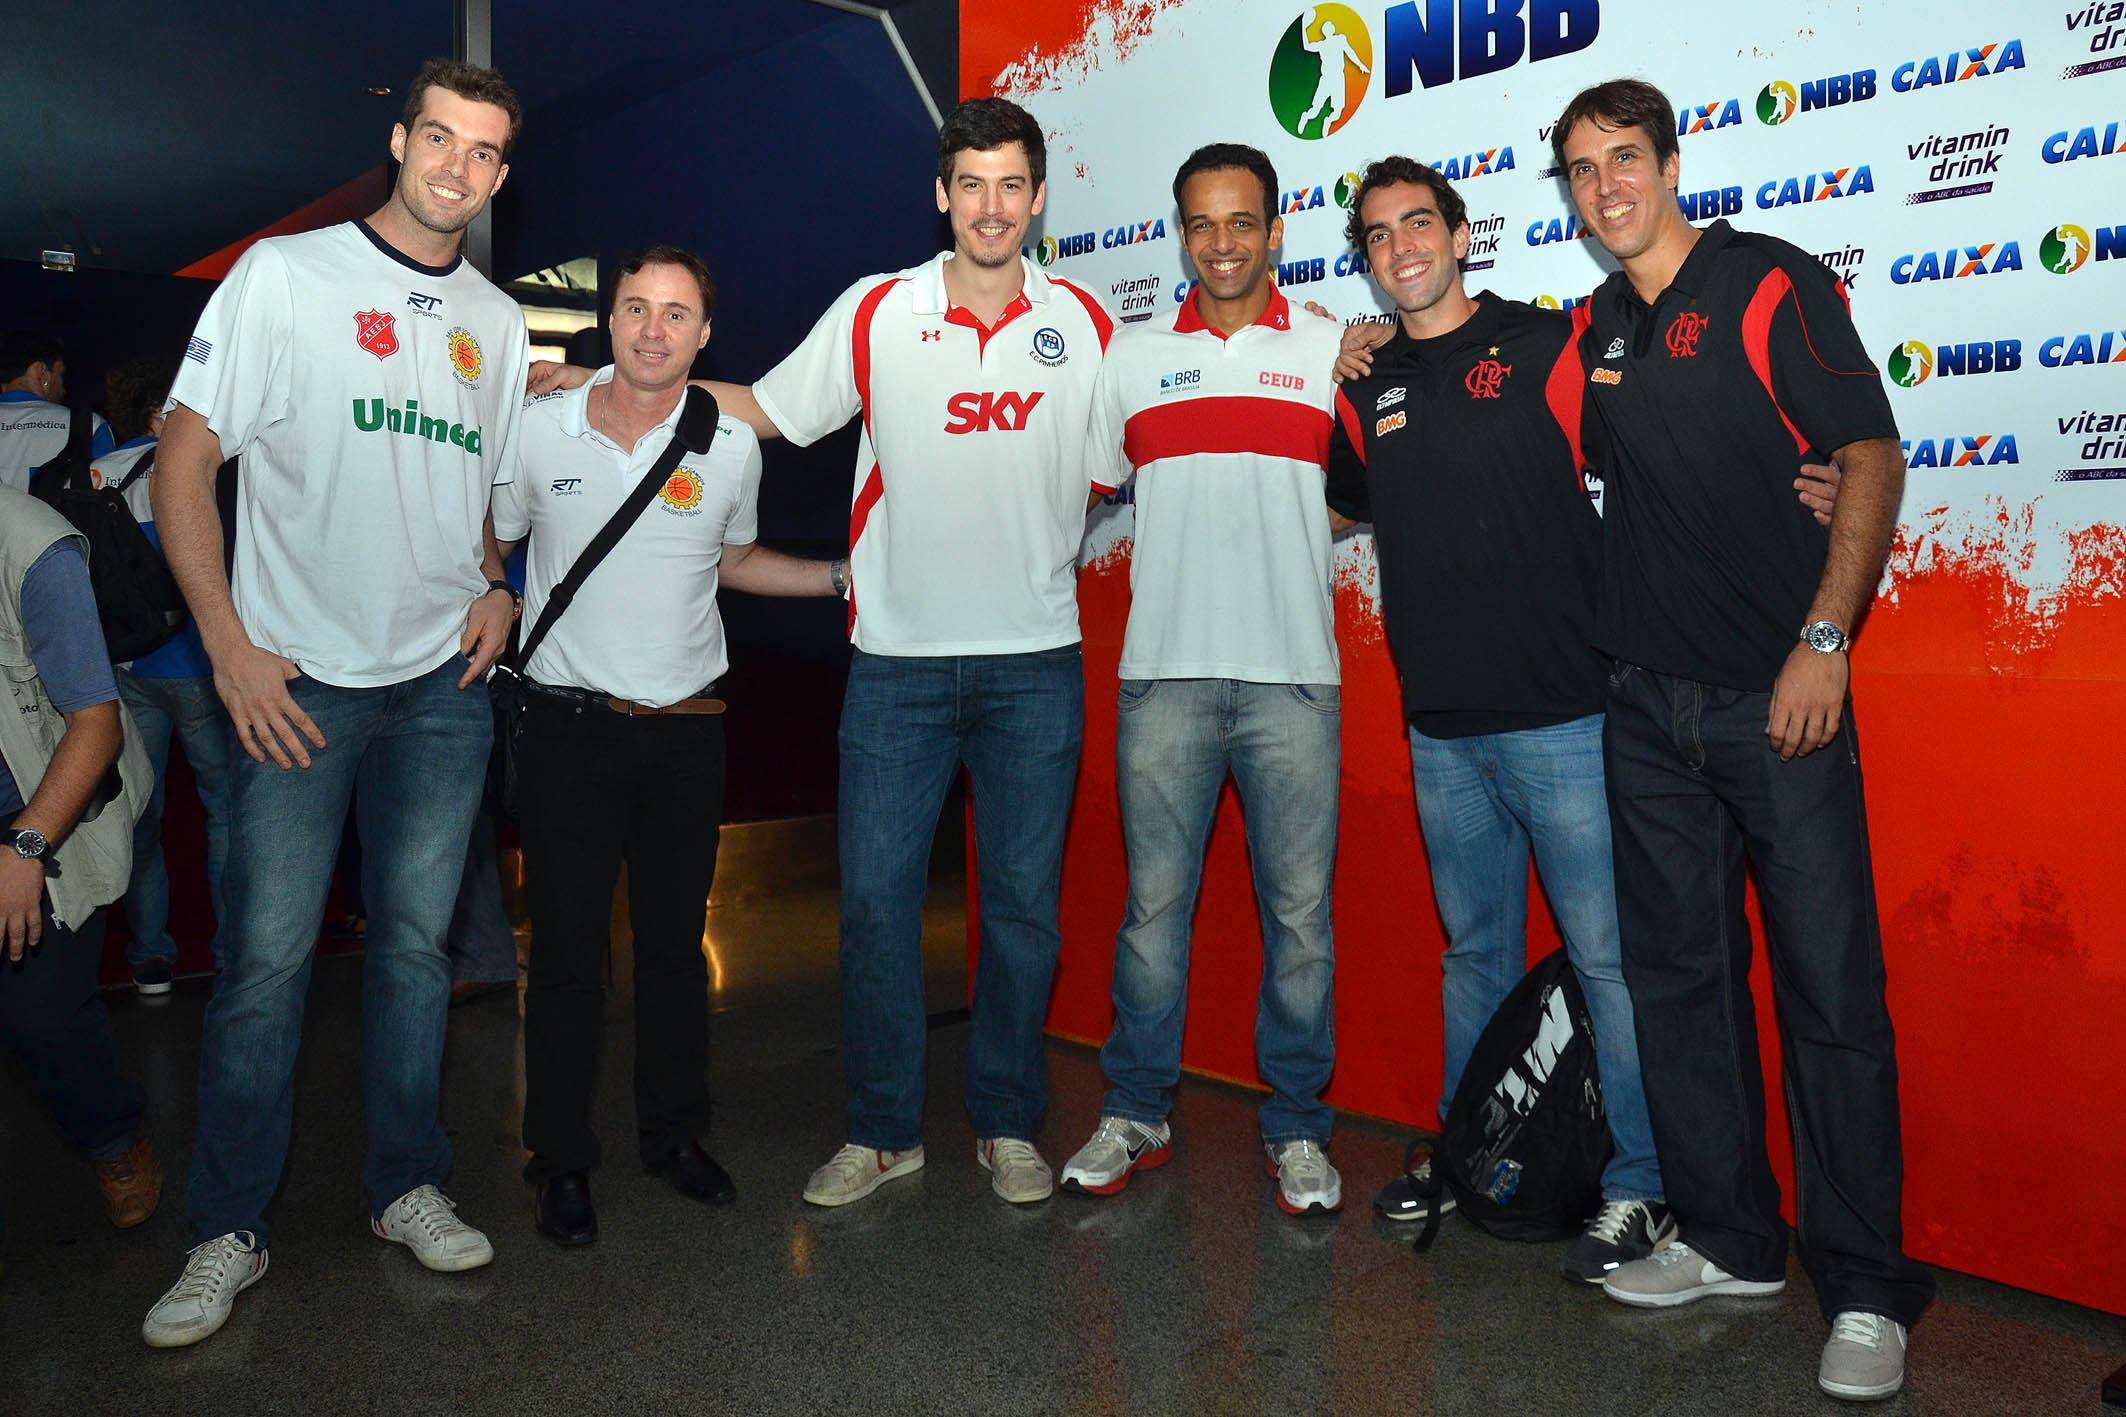 Murilo e Régis Marrelli (São José), Bruno Fiorotto (Pinheiros), Arthur (Brasília), Benite e Marcelinho (Flamengo)